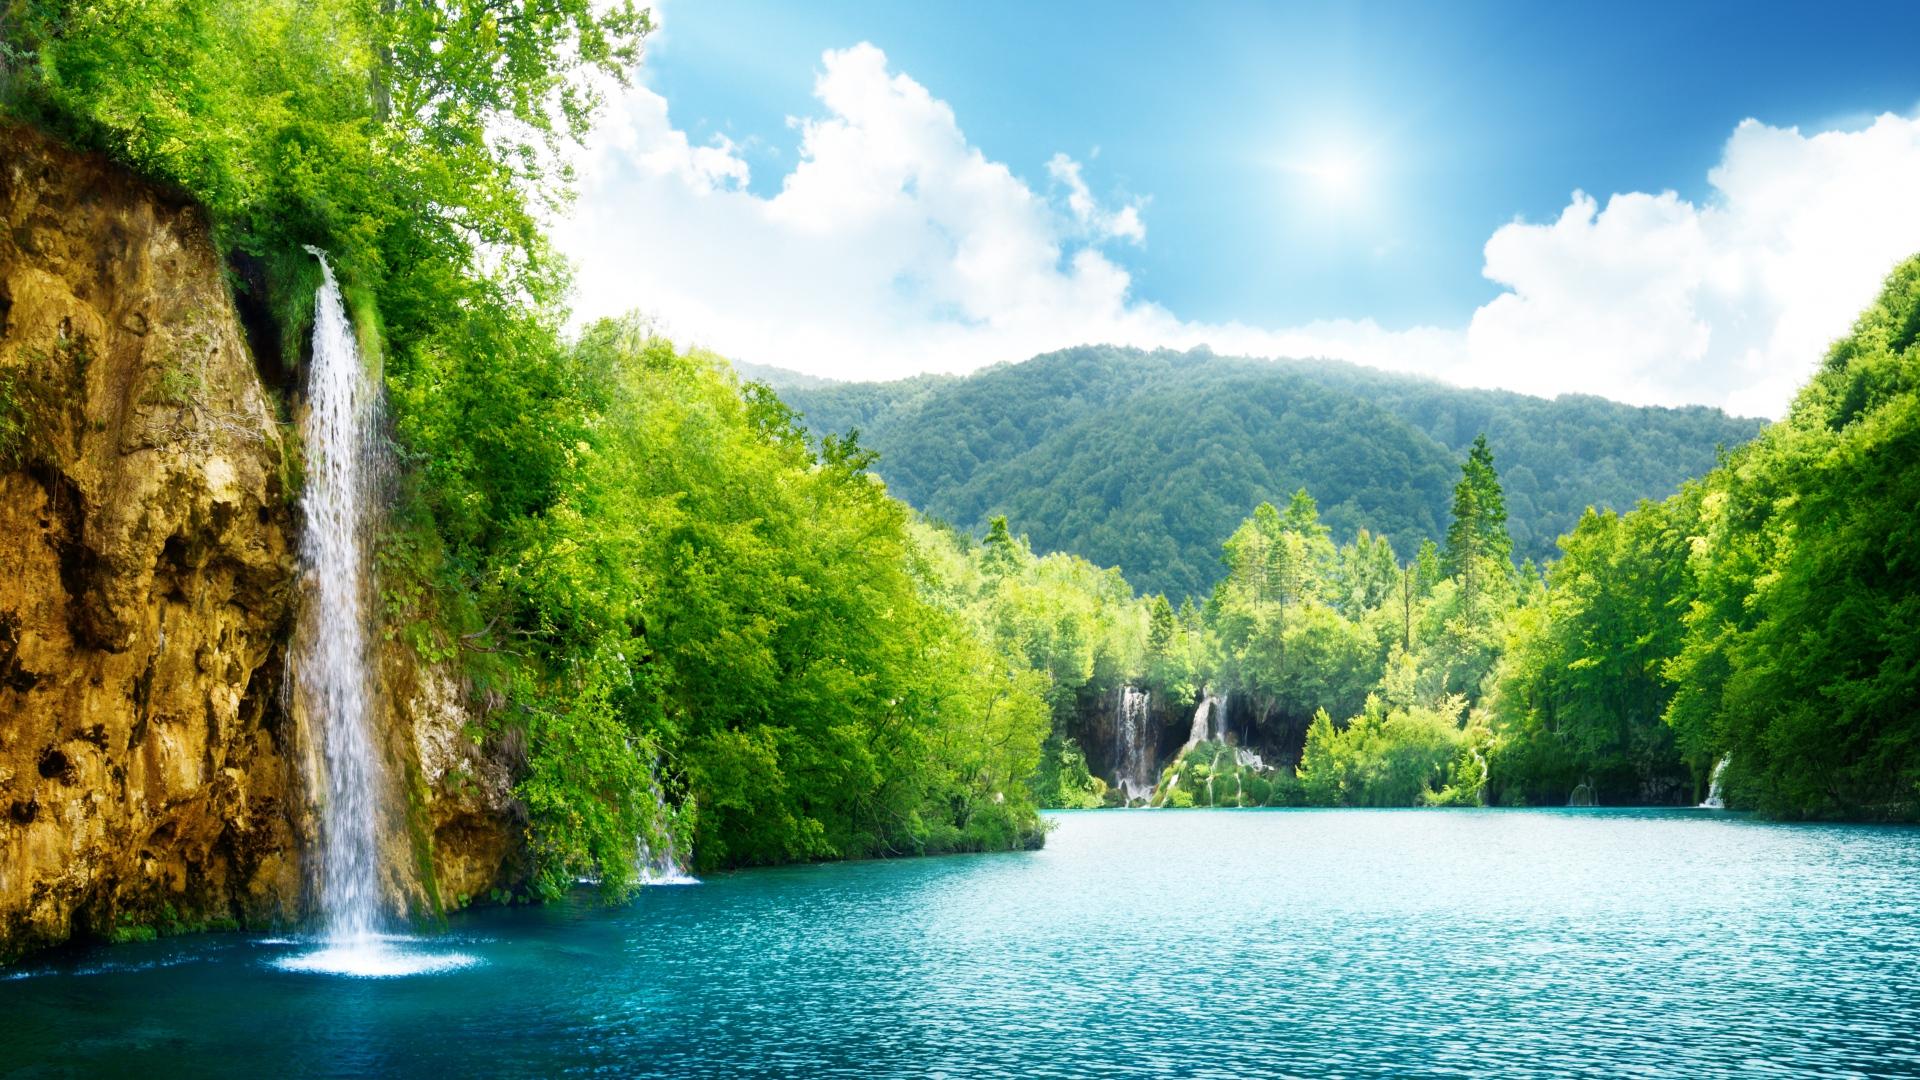 природа водопад лето озеро